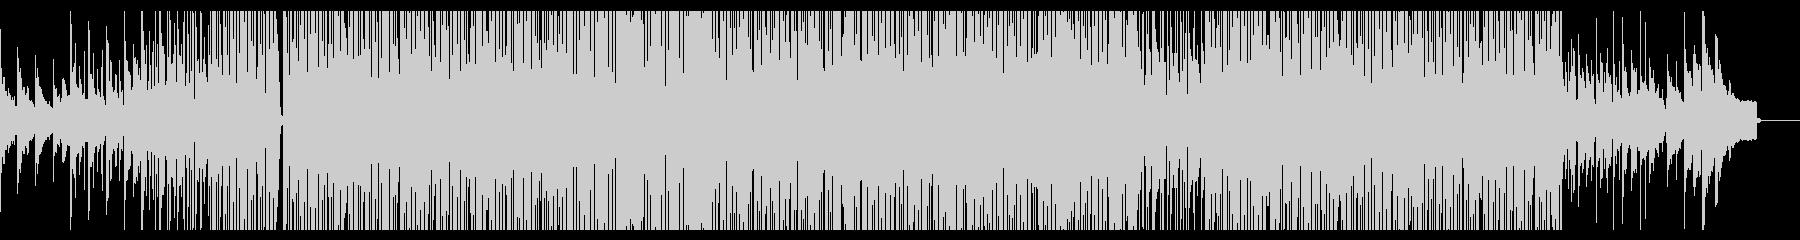 エレピ、黒人コーラスのヒップホップループの未再生の波形